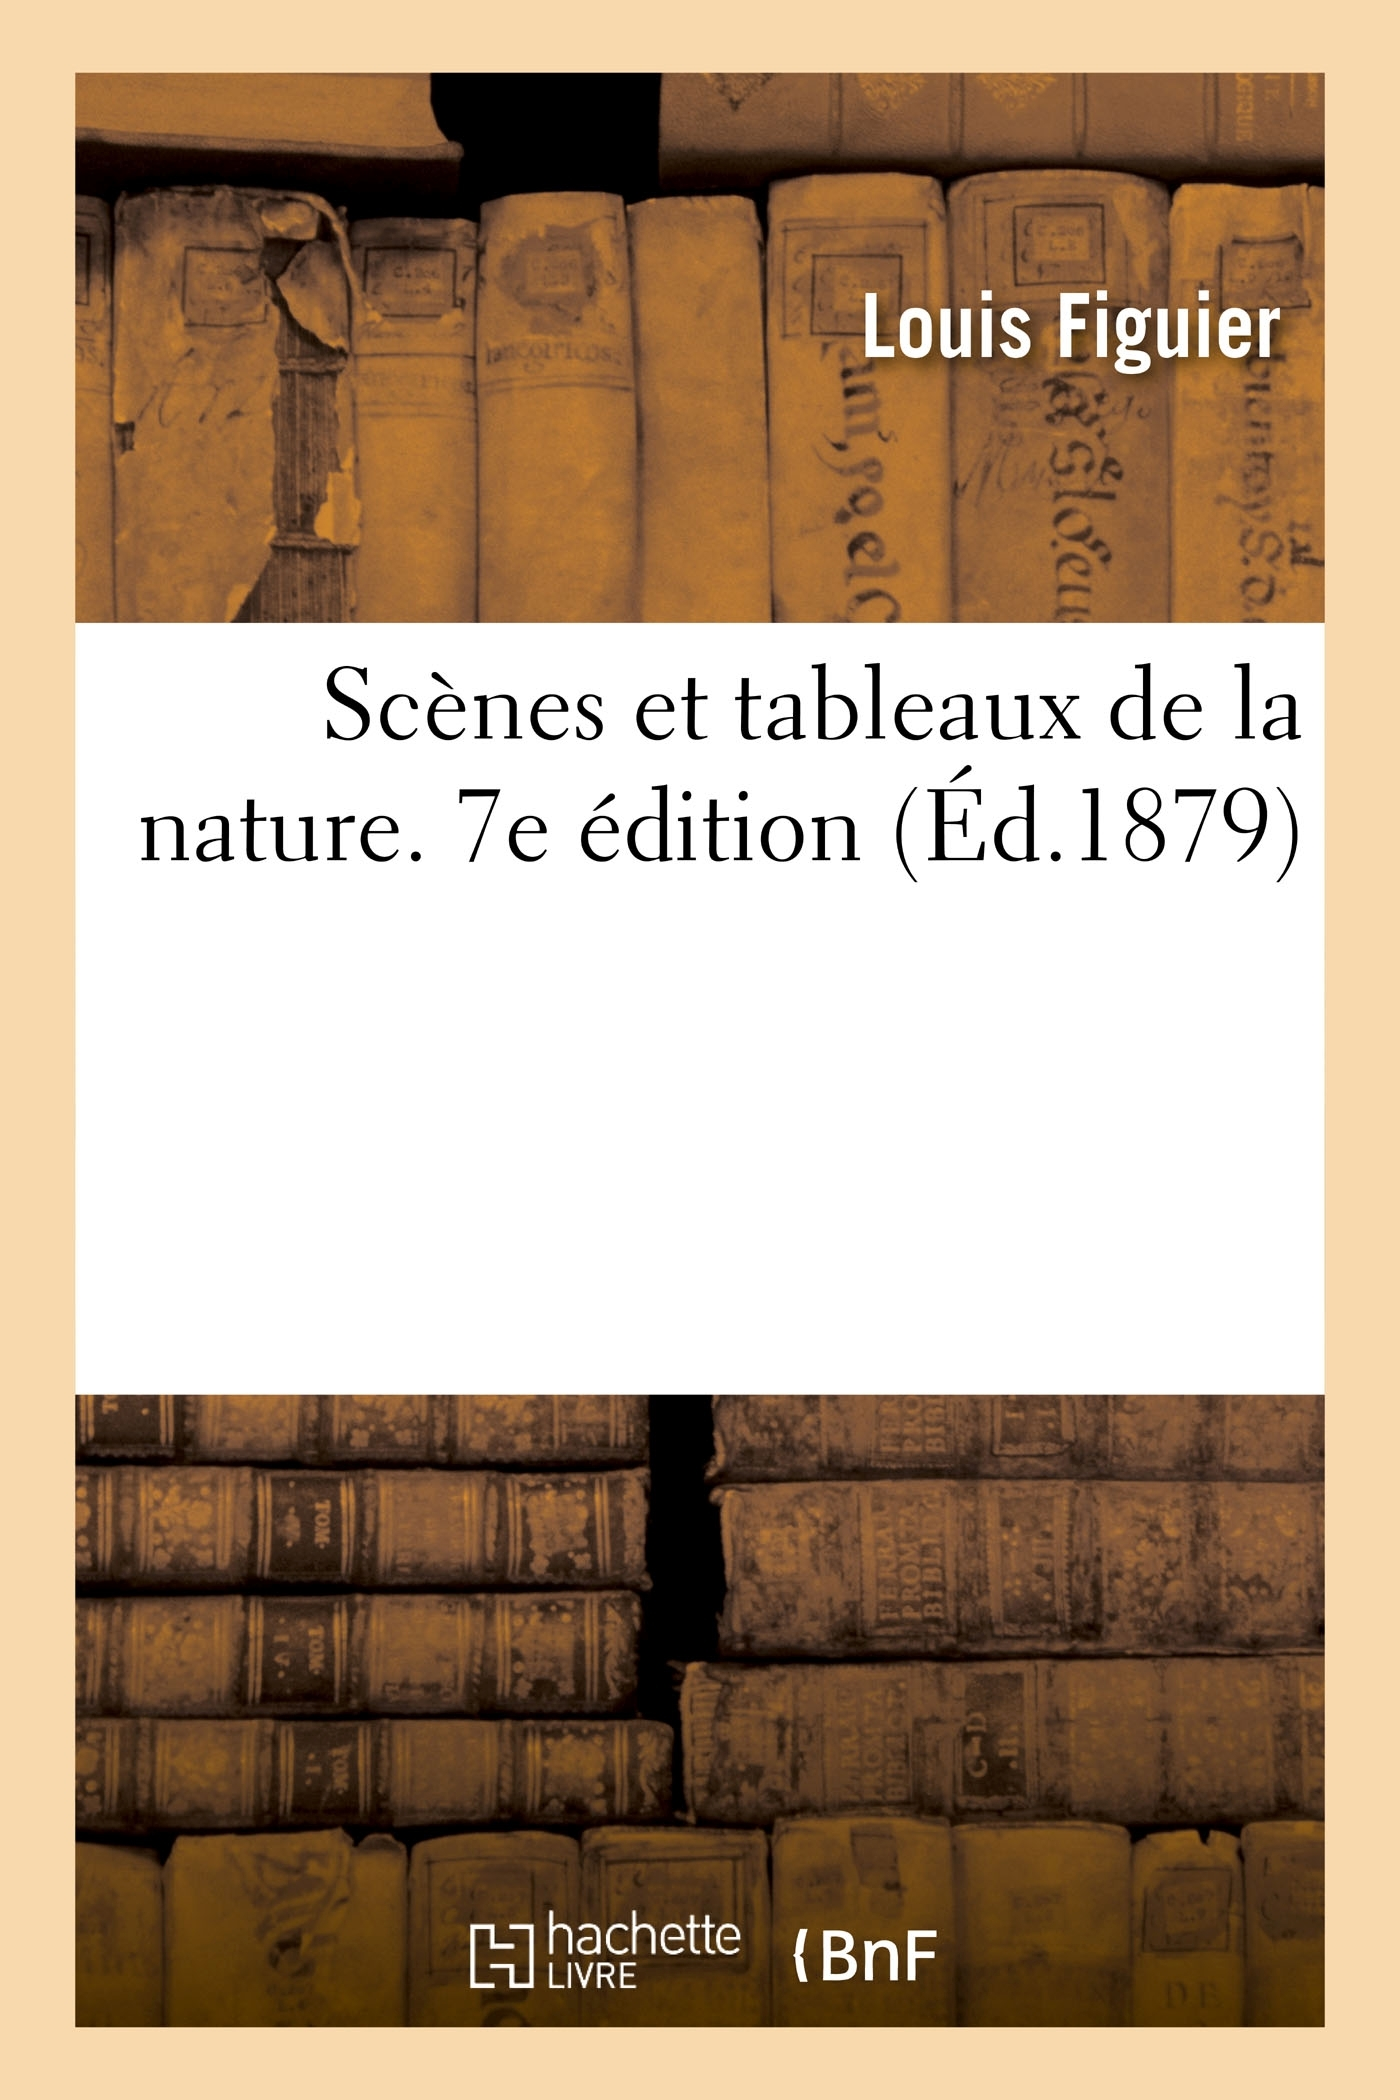 SCENES ET TABLEAUX DE LA NATURE. 7E EDITION